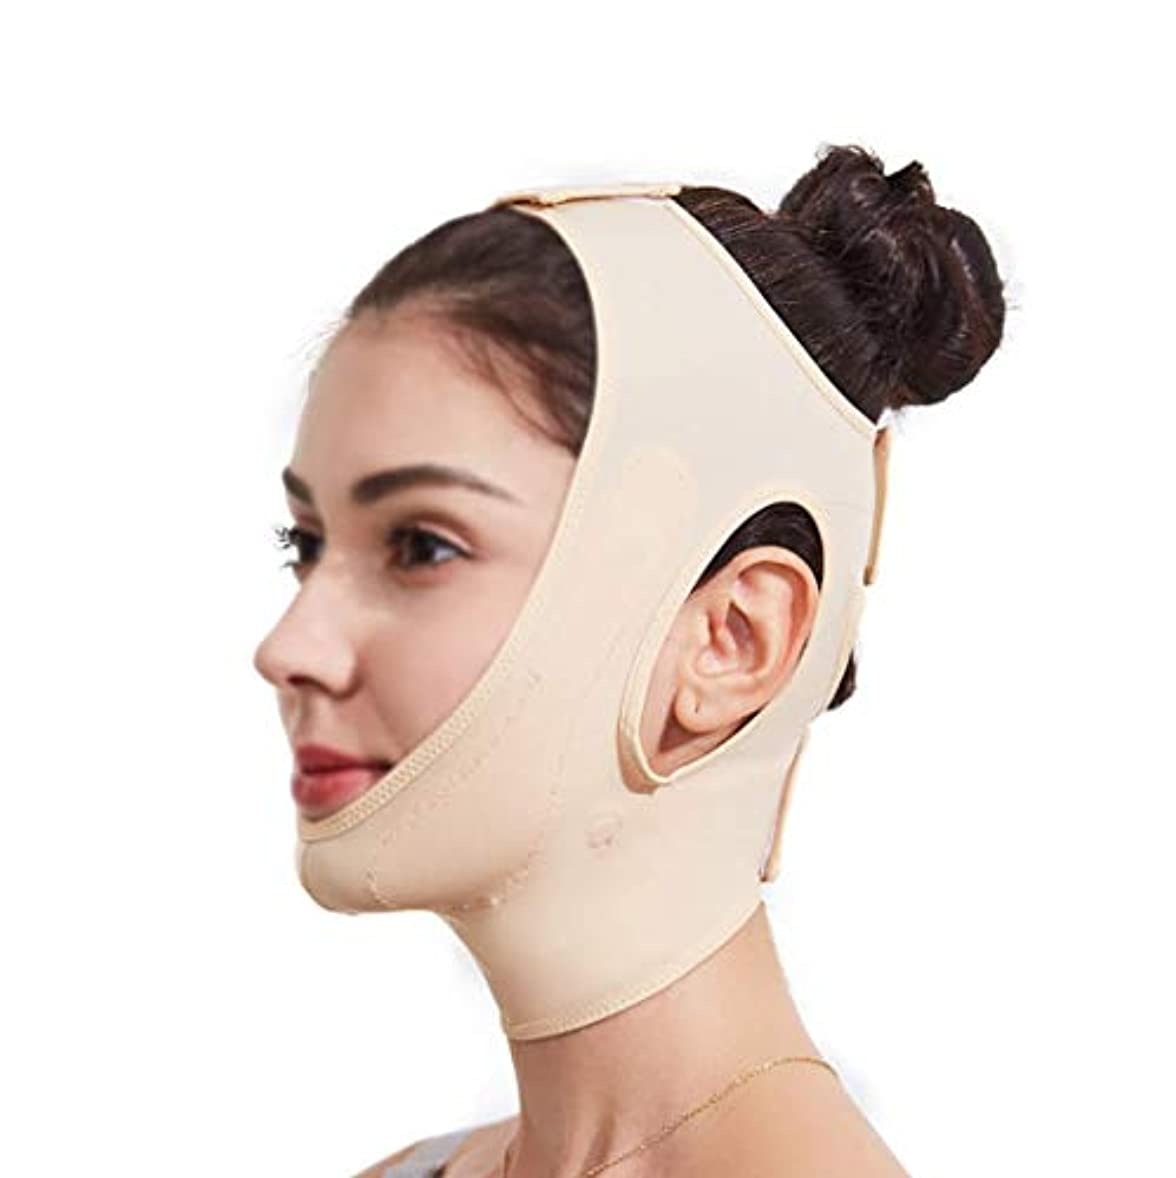 バスルーム思春期の妊娠したフェイスリフティングマスク、360°オールラウンドリフティングフェイシャルコンター、あごを閉じて肌を引き締め、快適でフェイスライトをサポートし、通気性を保ちます(サイズ:ブラック),肌の色